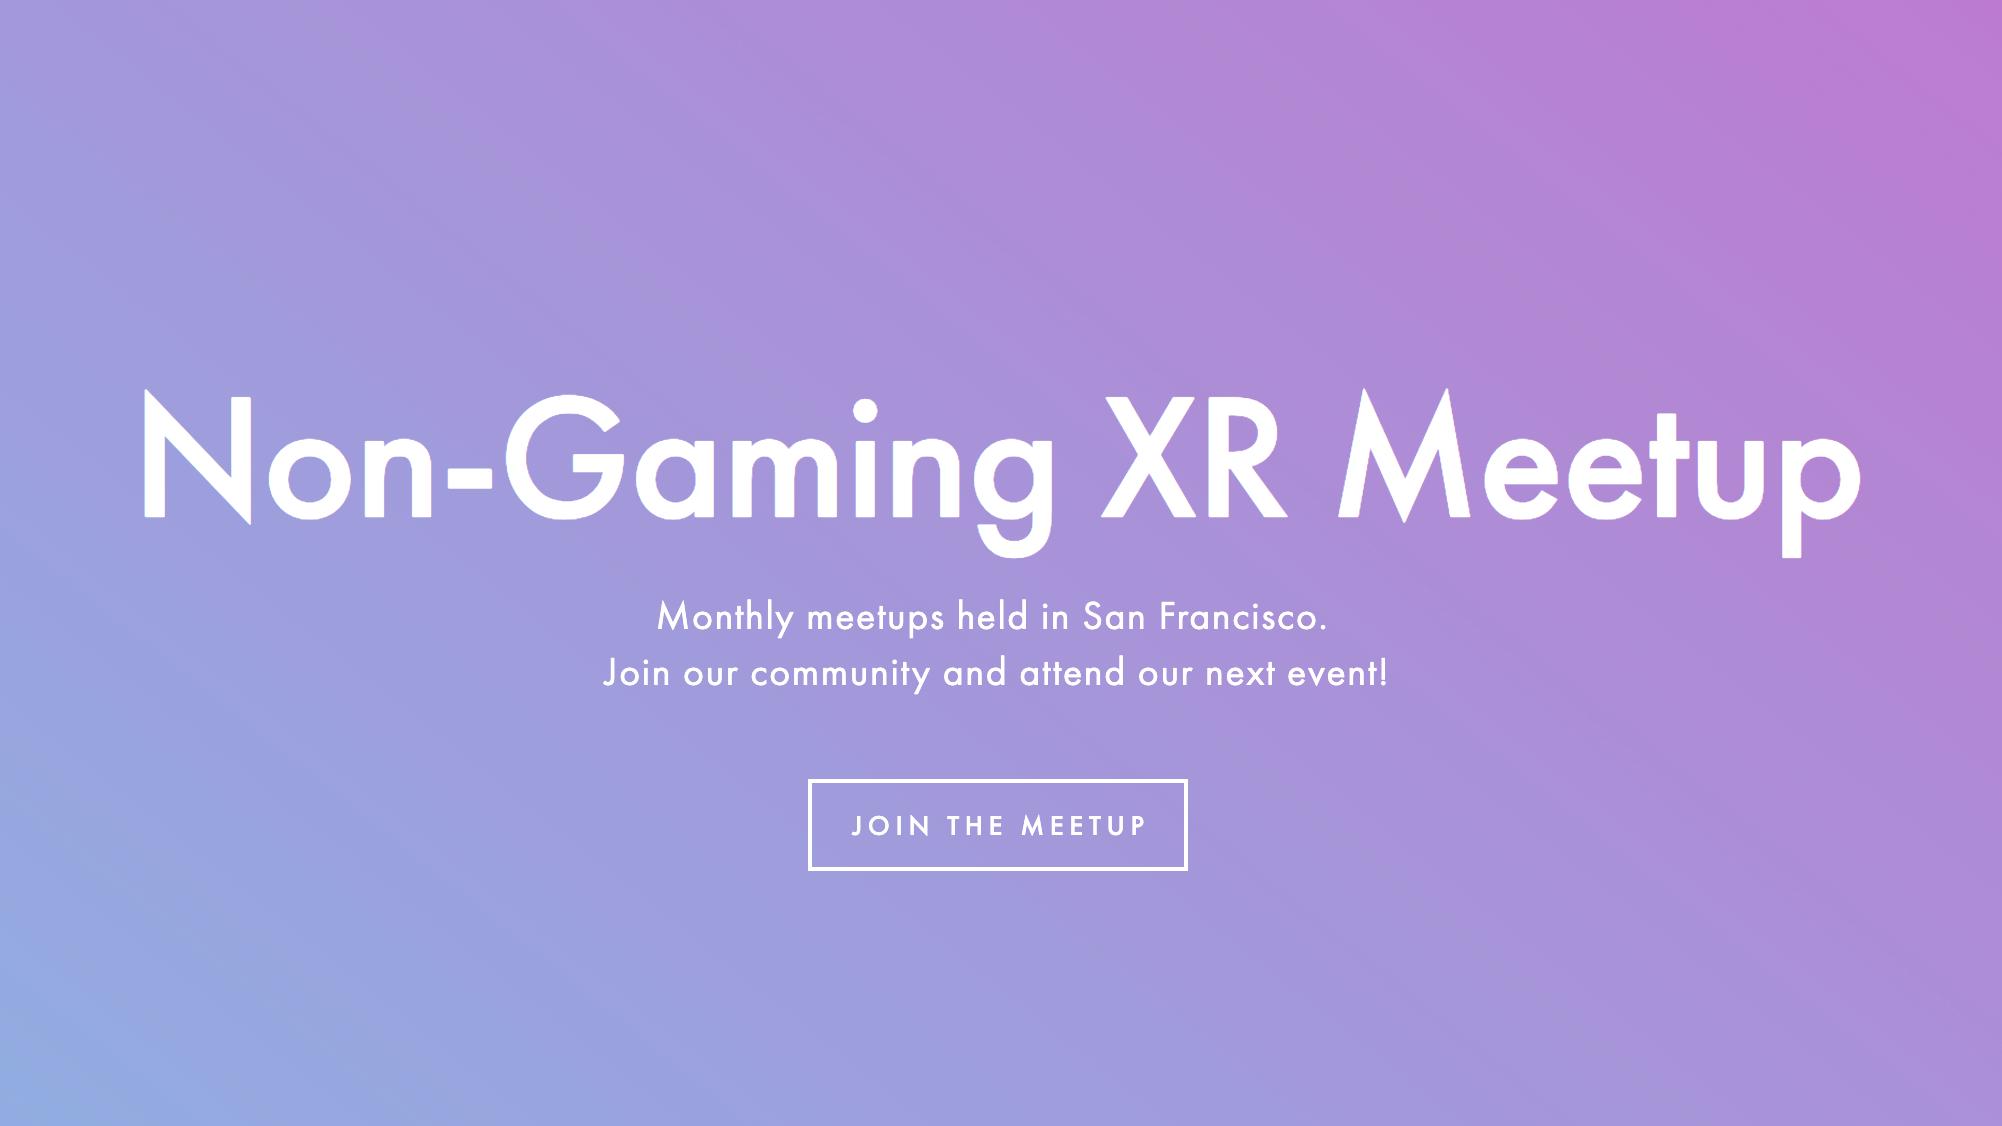 Non-Gaming XR - San Francisco